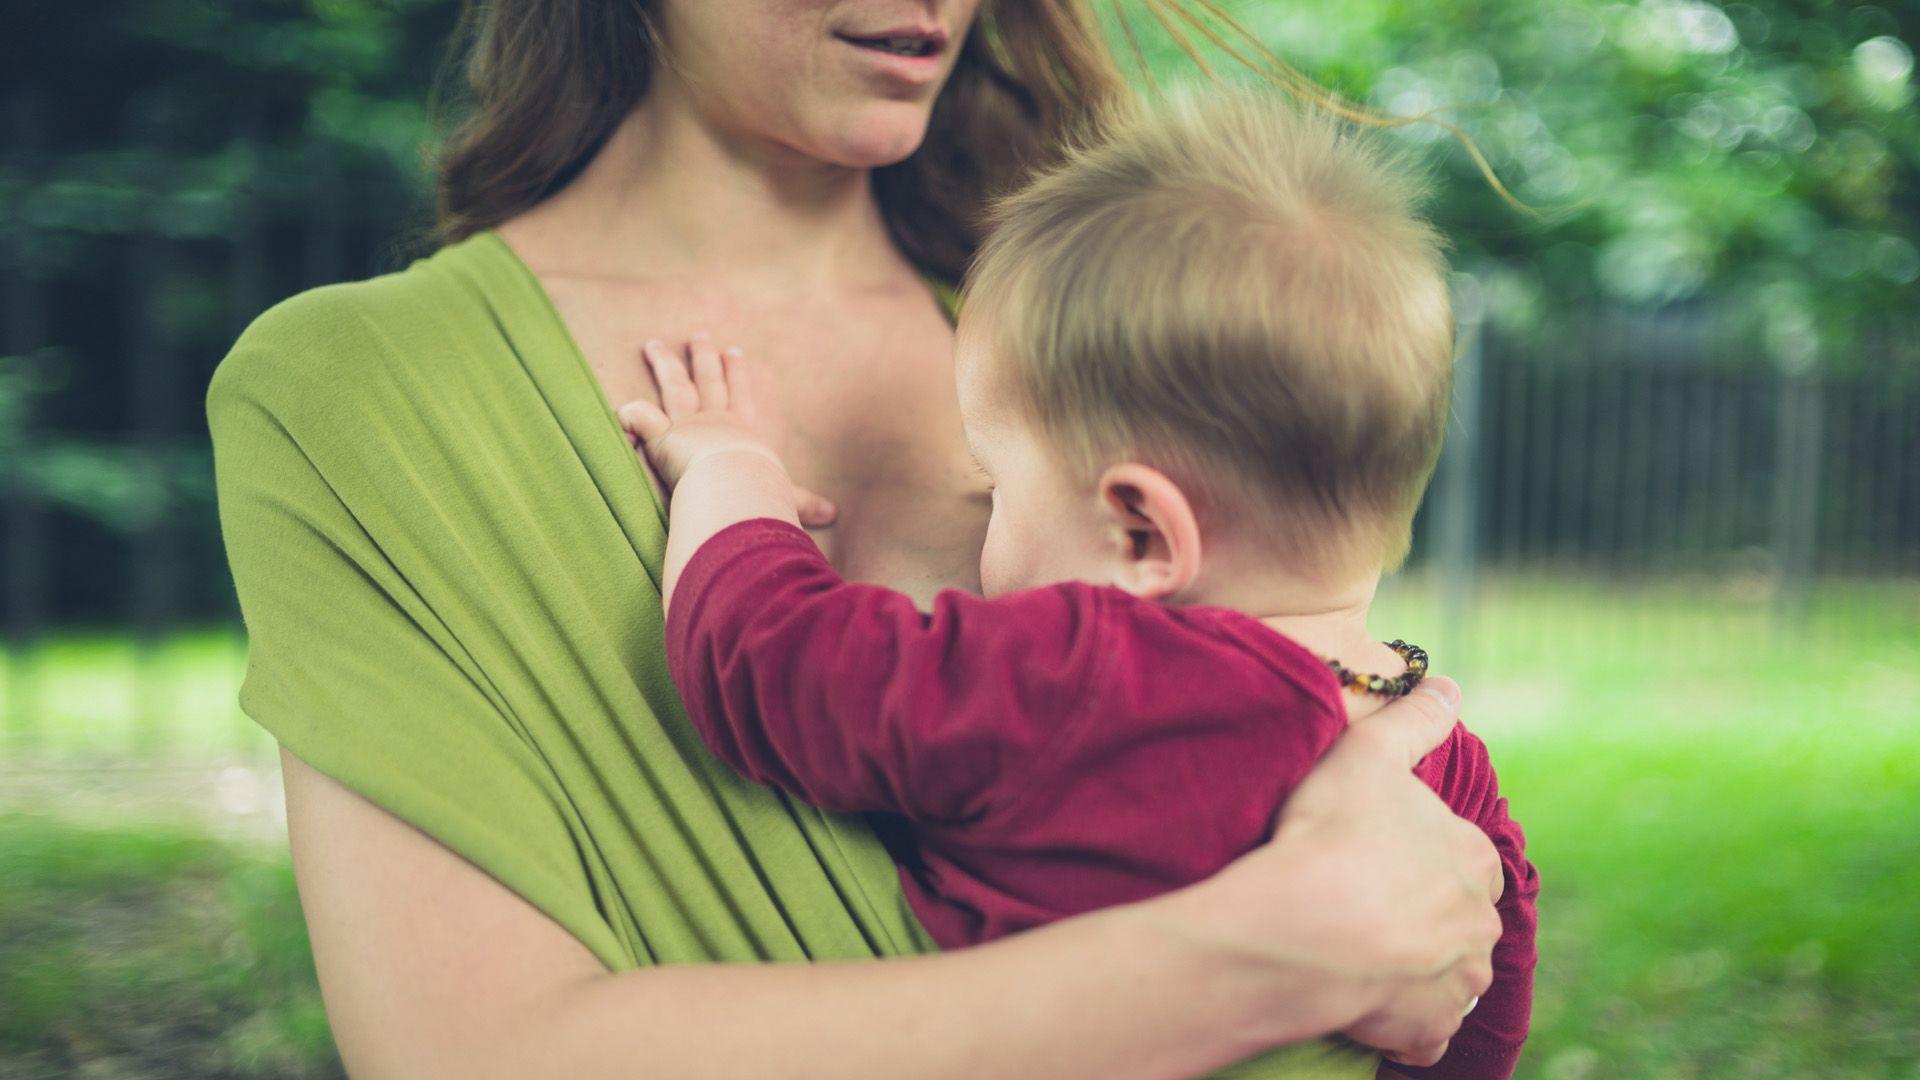 Hogyan kell kezelni a szoptató anya fejfájását? - Nyomás